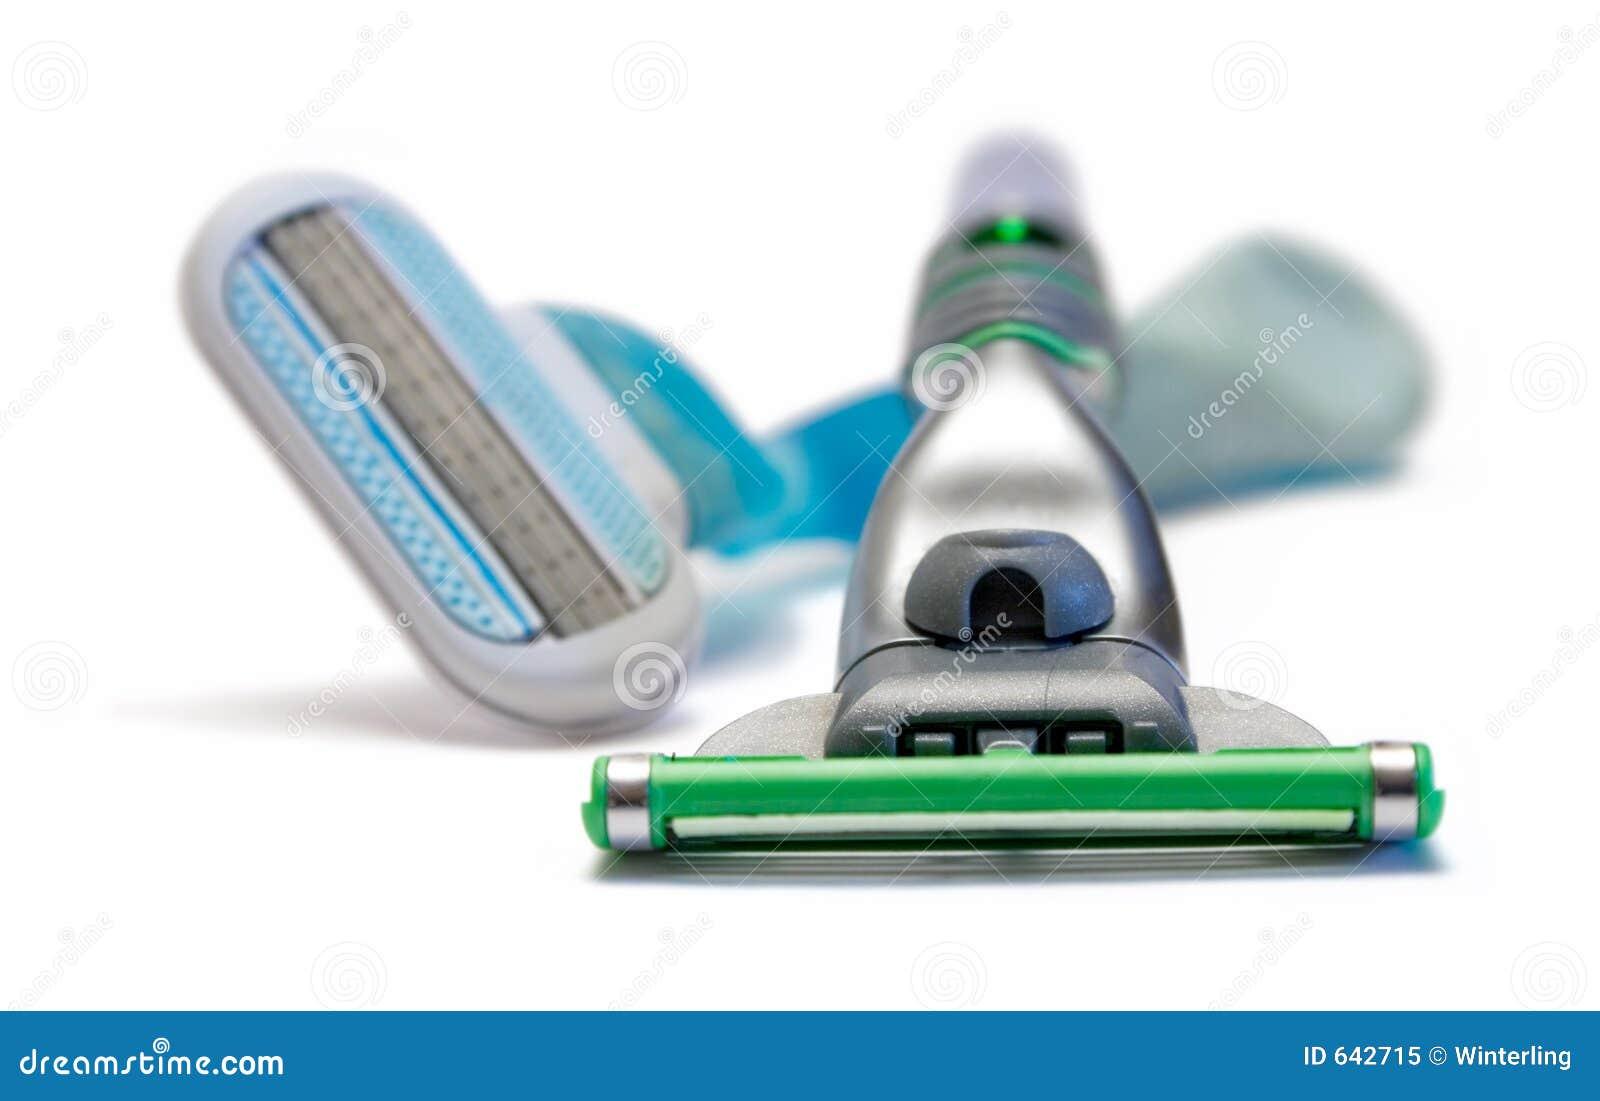 Download ее его брить бритв стоковое изображение. изображение насчитывающей холить - 642715